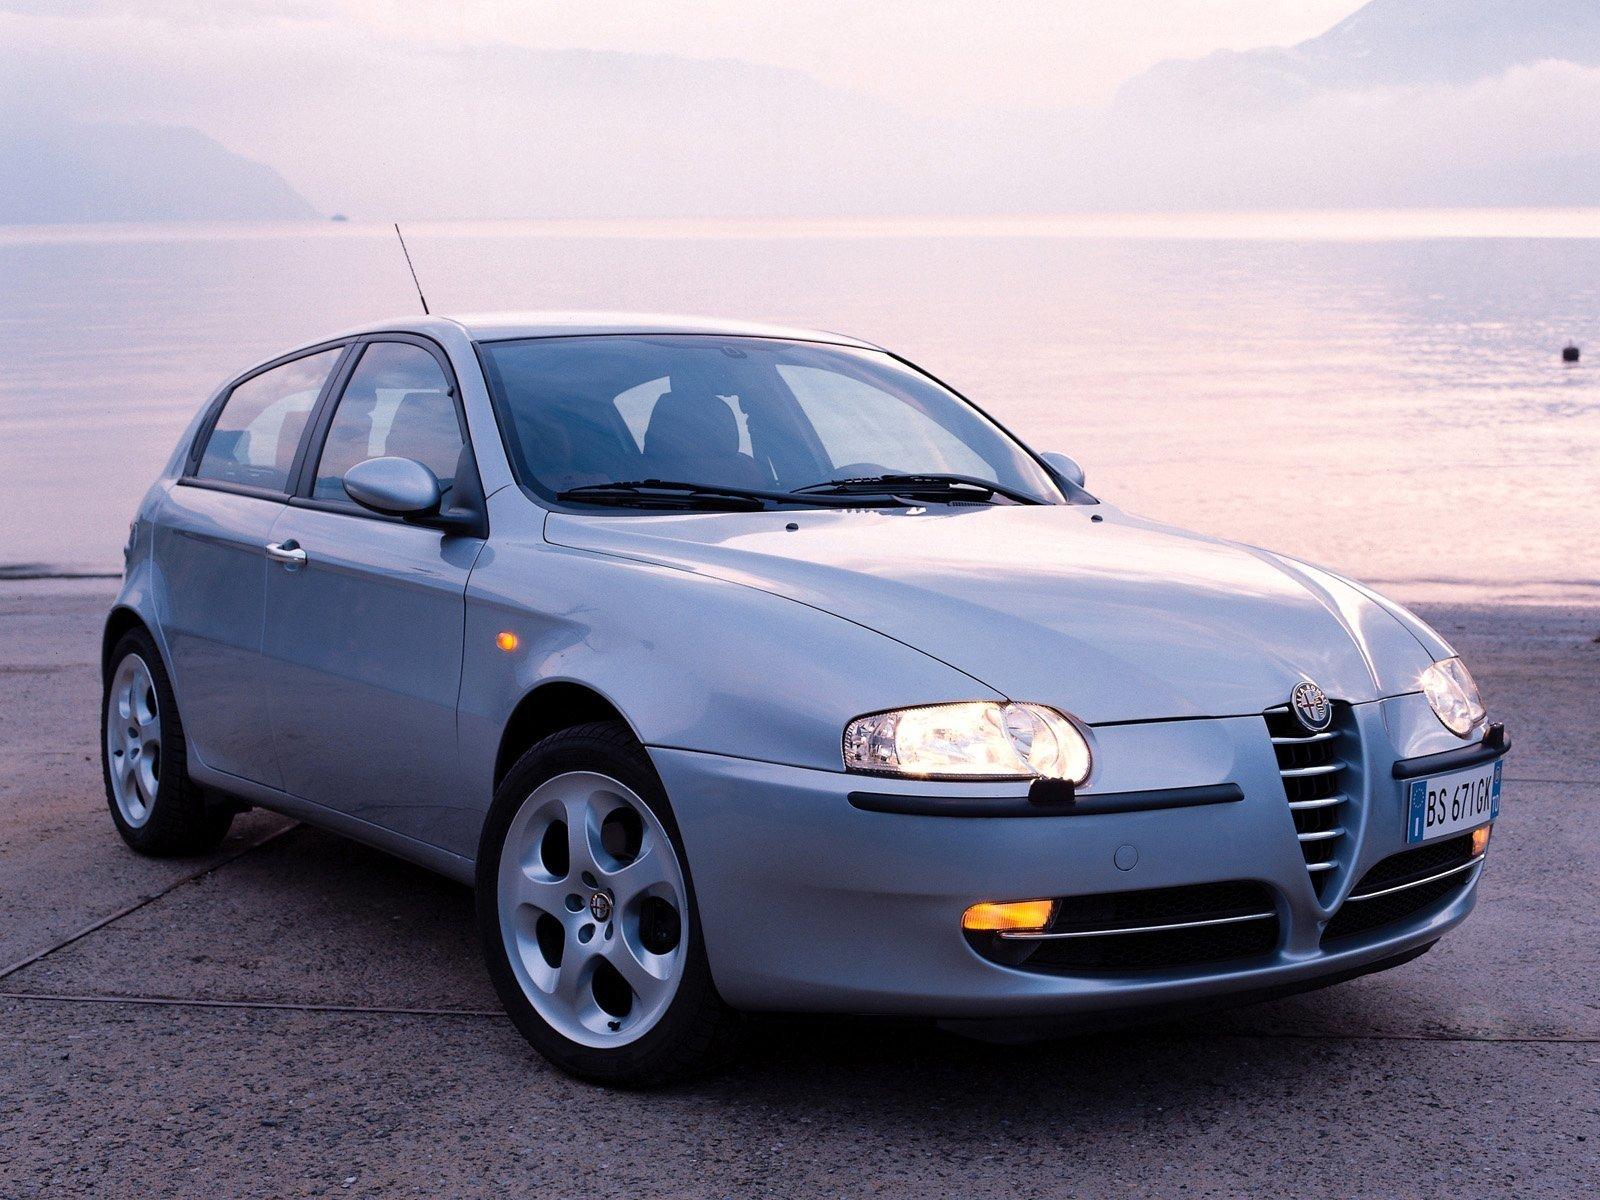 Alfa Romeo 147 1.9JTDm 140KM >> 170KM 364Nm